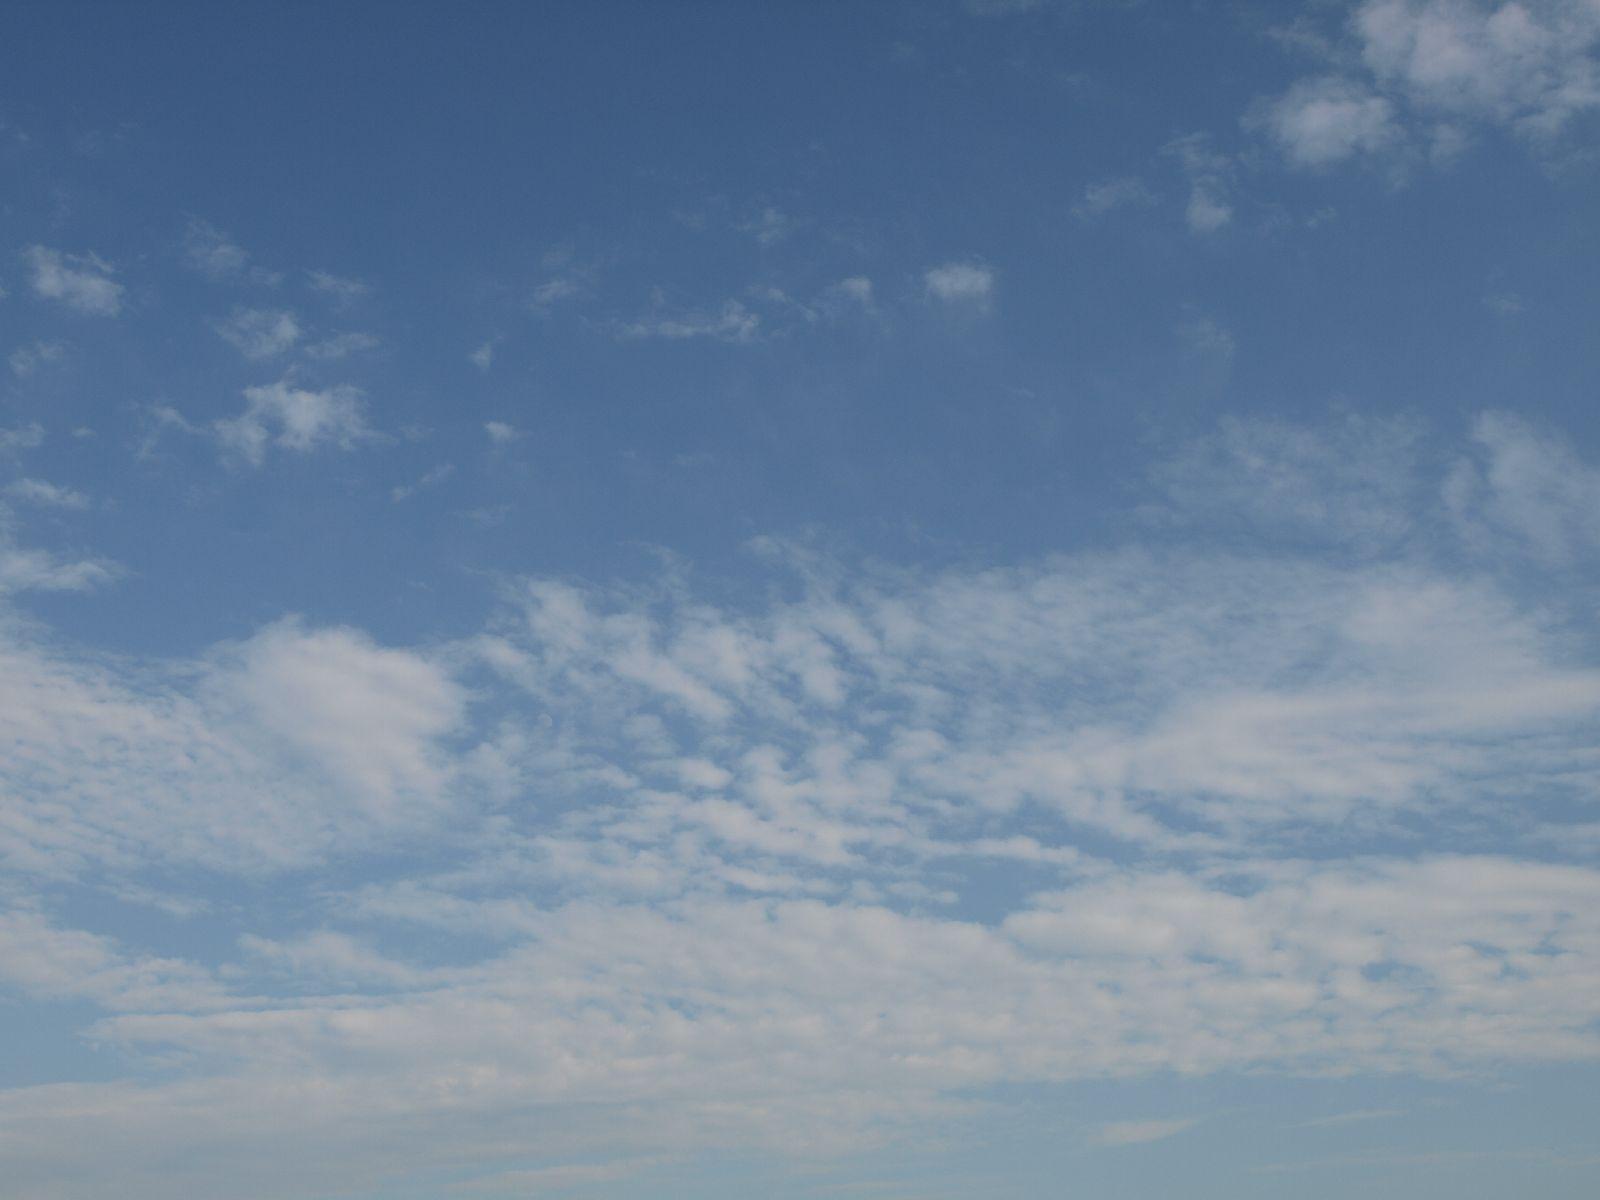 Himmel-Wolken-Foto_Textur_A_P5142784